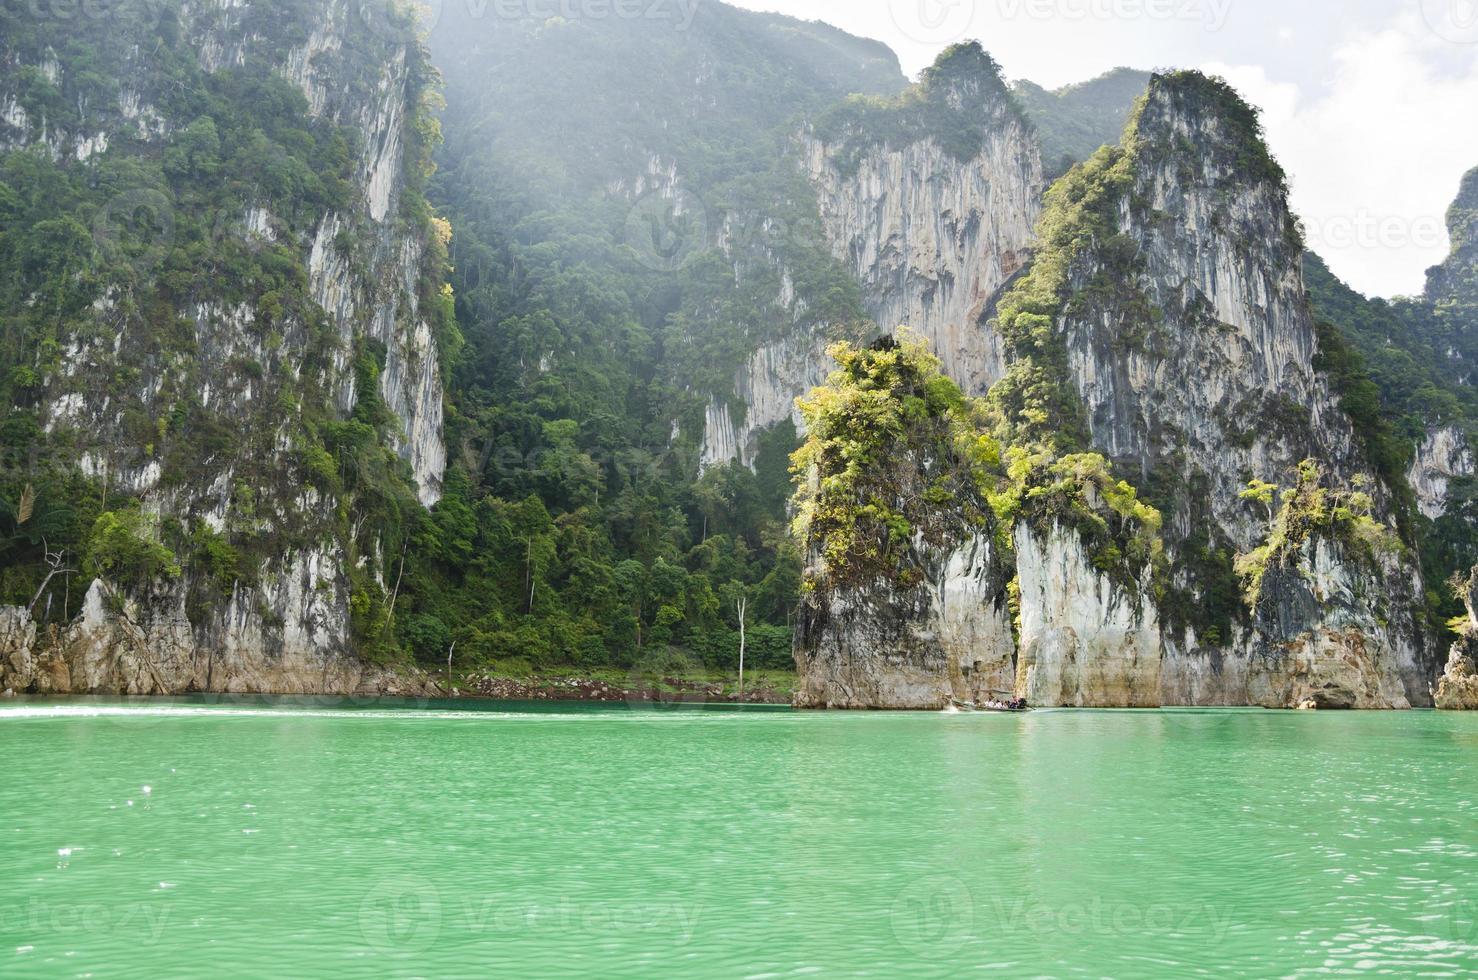 hermosas montañas altas y green river (guilin de tailandia). foto